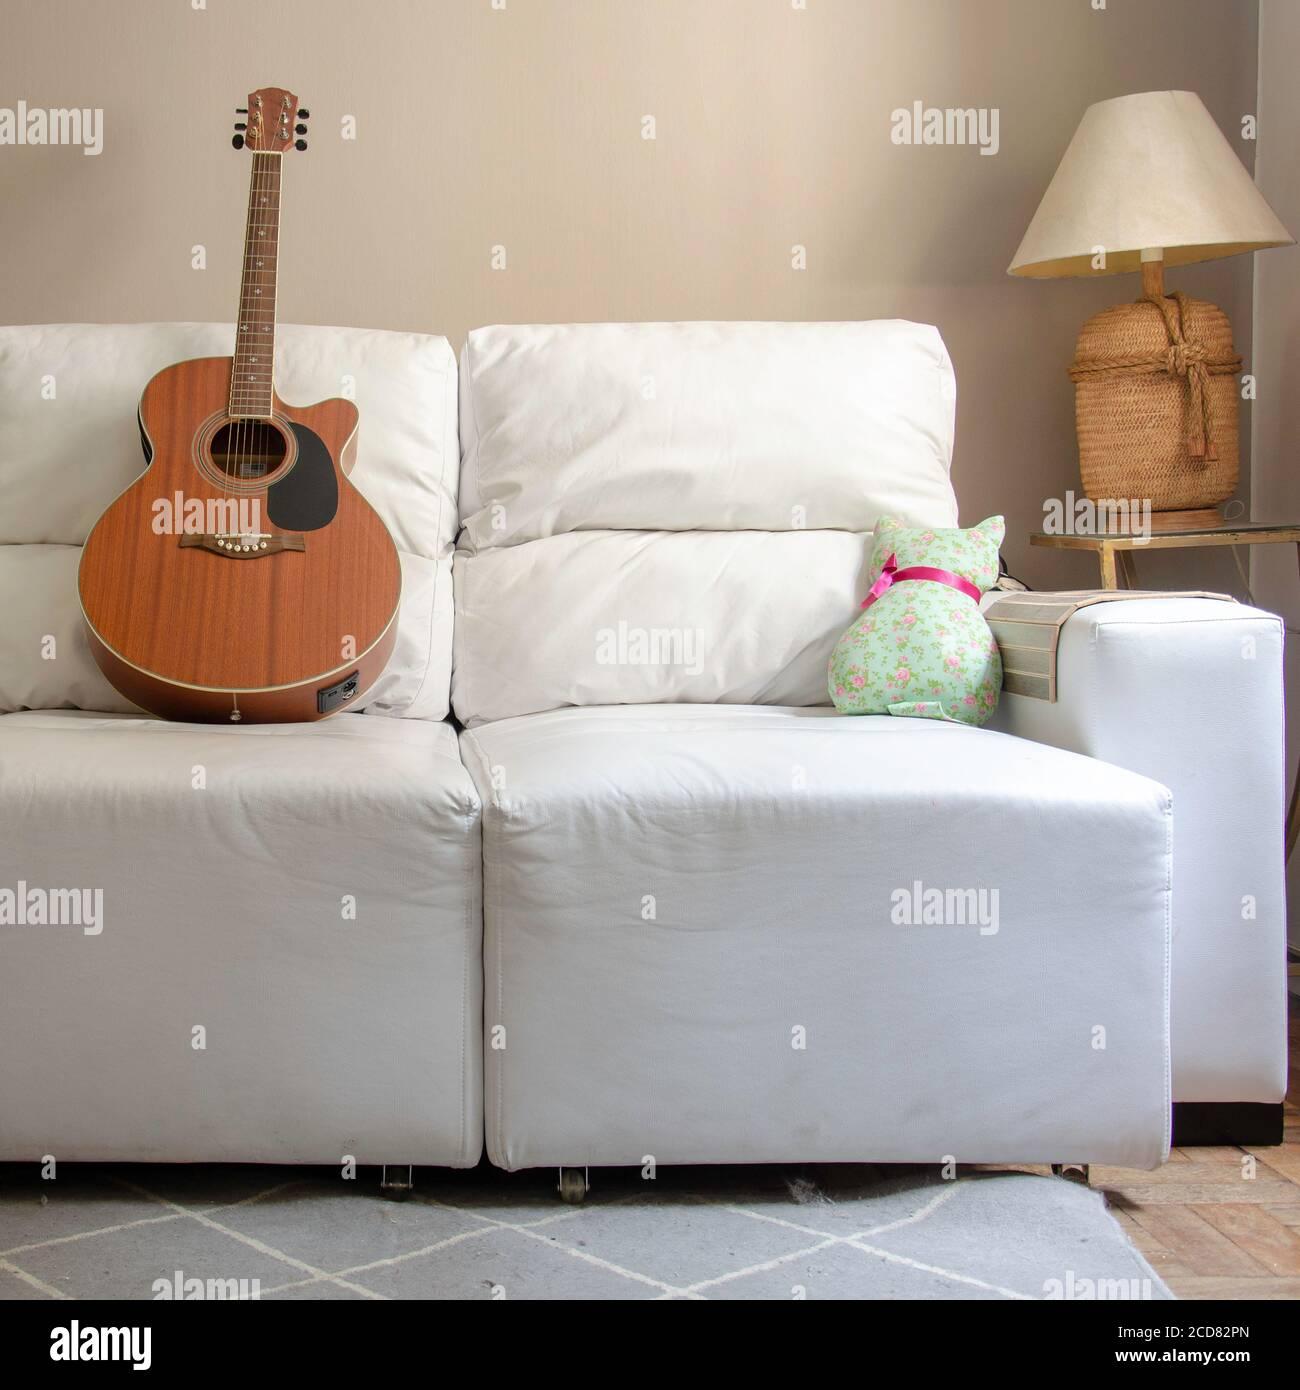 Arredamento: Soggiorno con chitarra in legno su un divano bianco e lampada sul tavolino con parete di fondo marrone chiaro Foto Stock